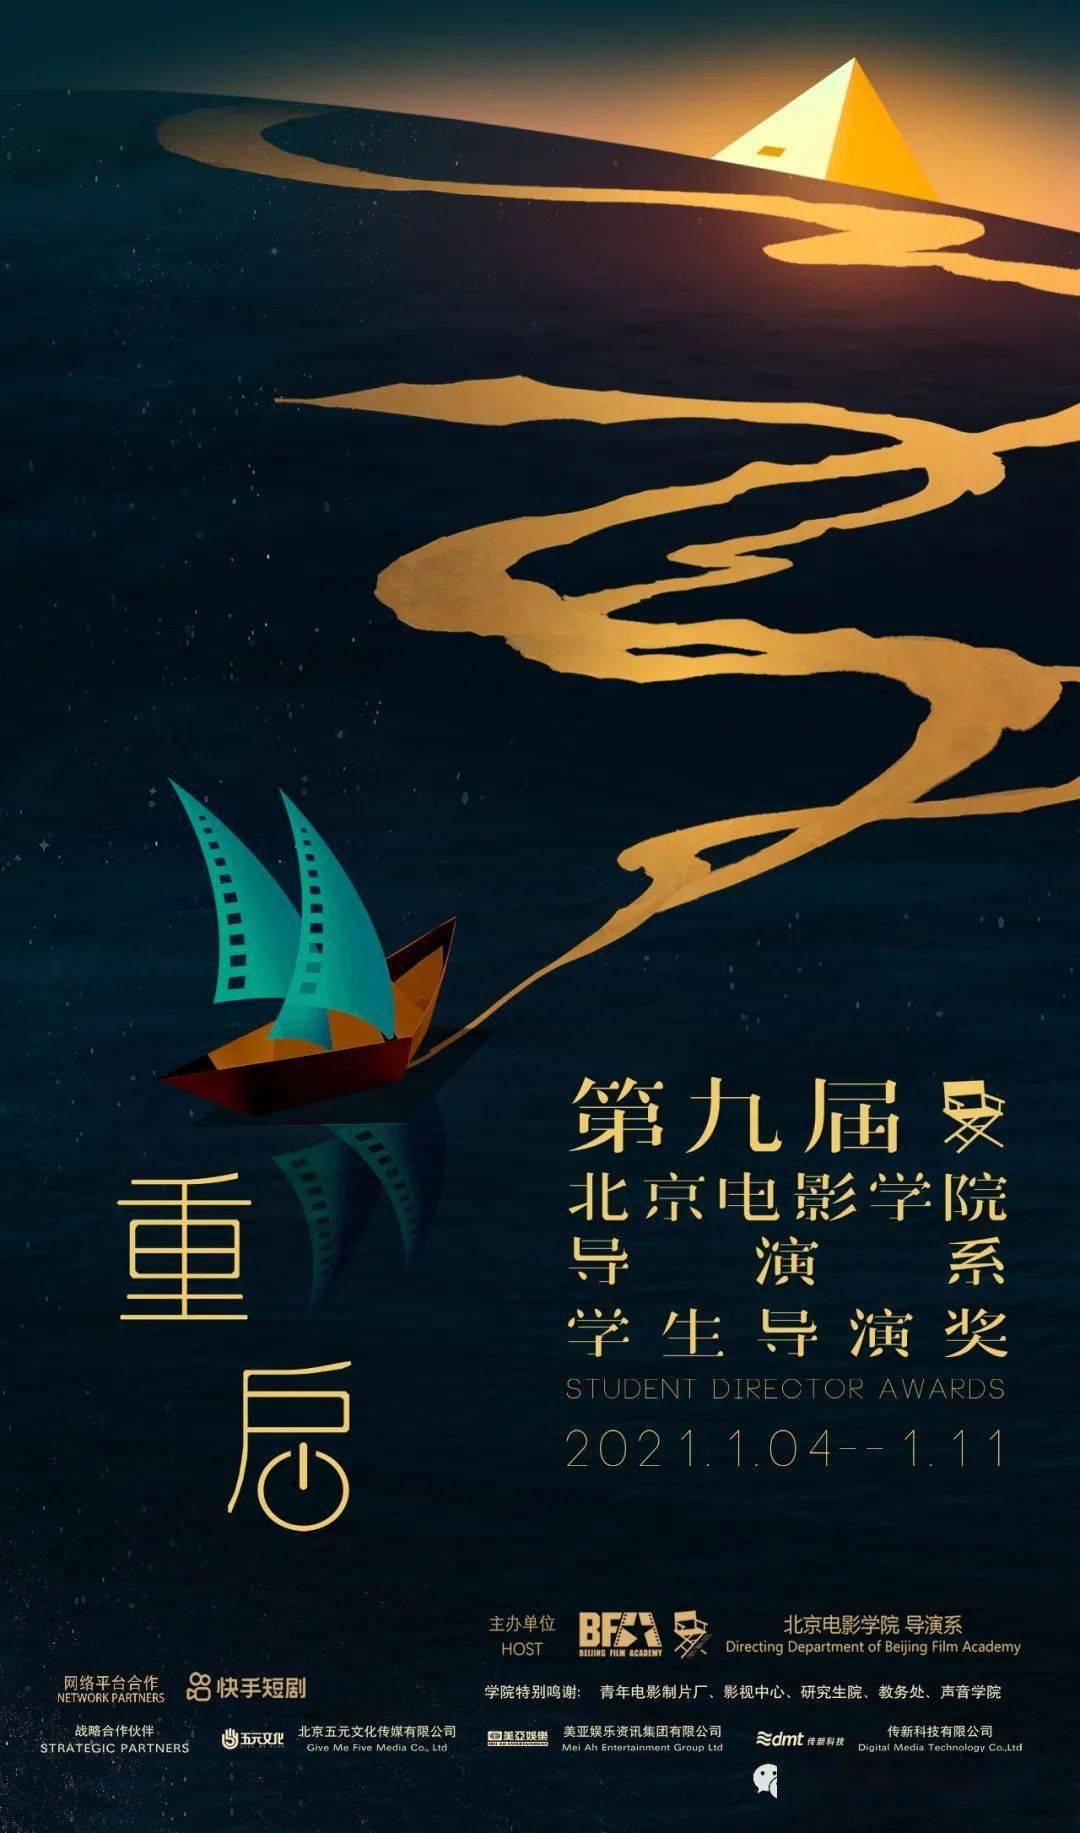 """重启!第九届北京电影学院导演系""""学生导演奖""""即将开幕"""